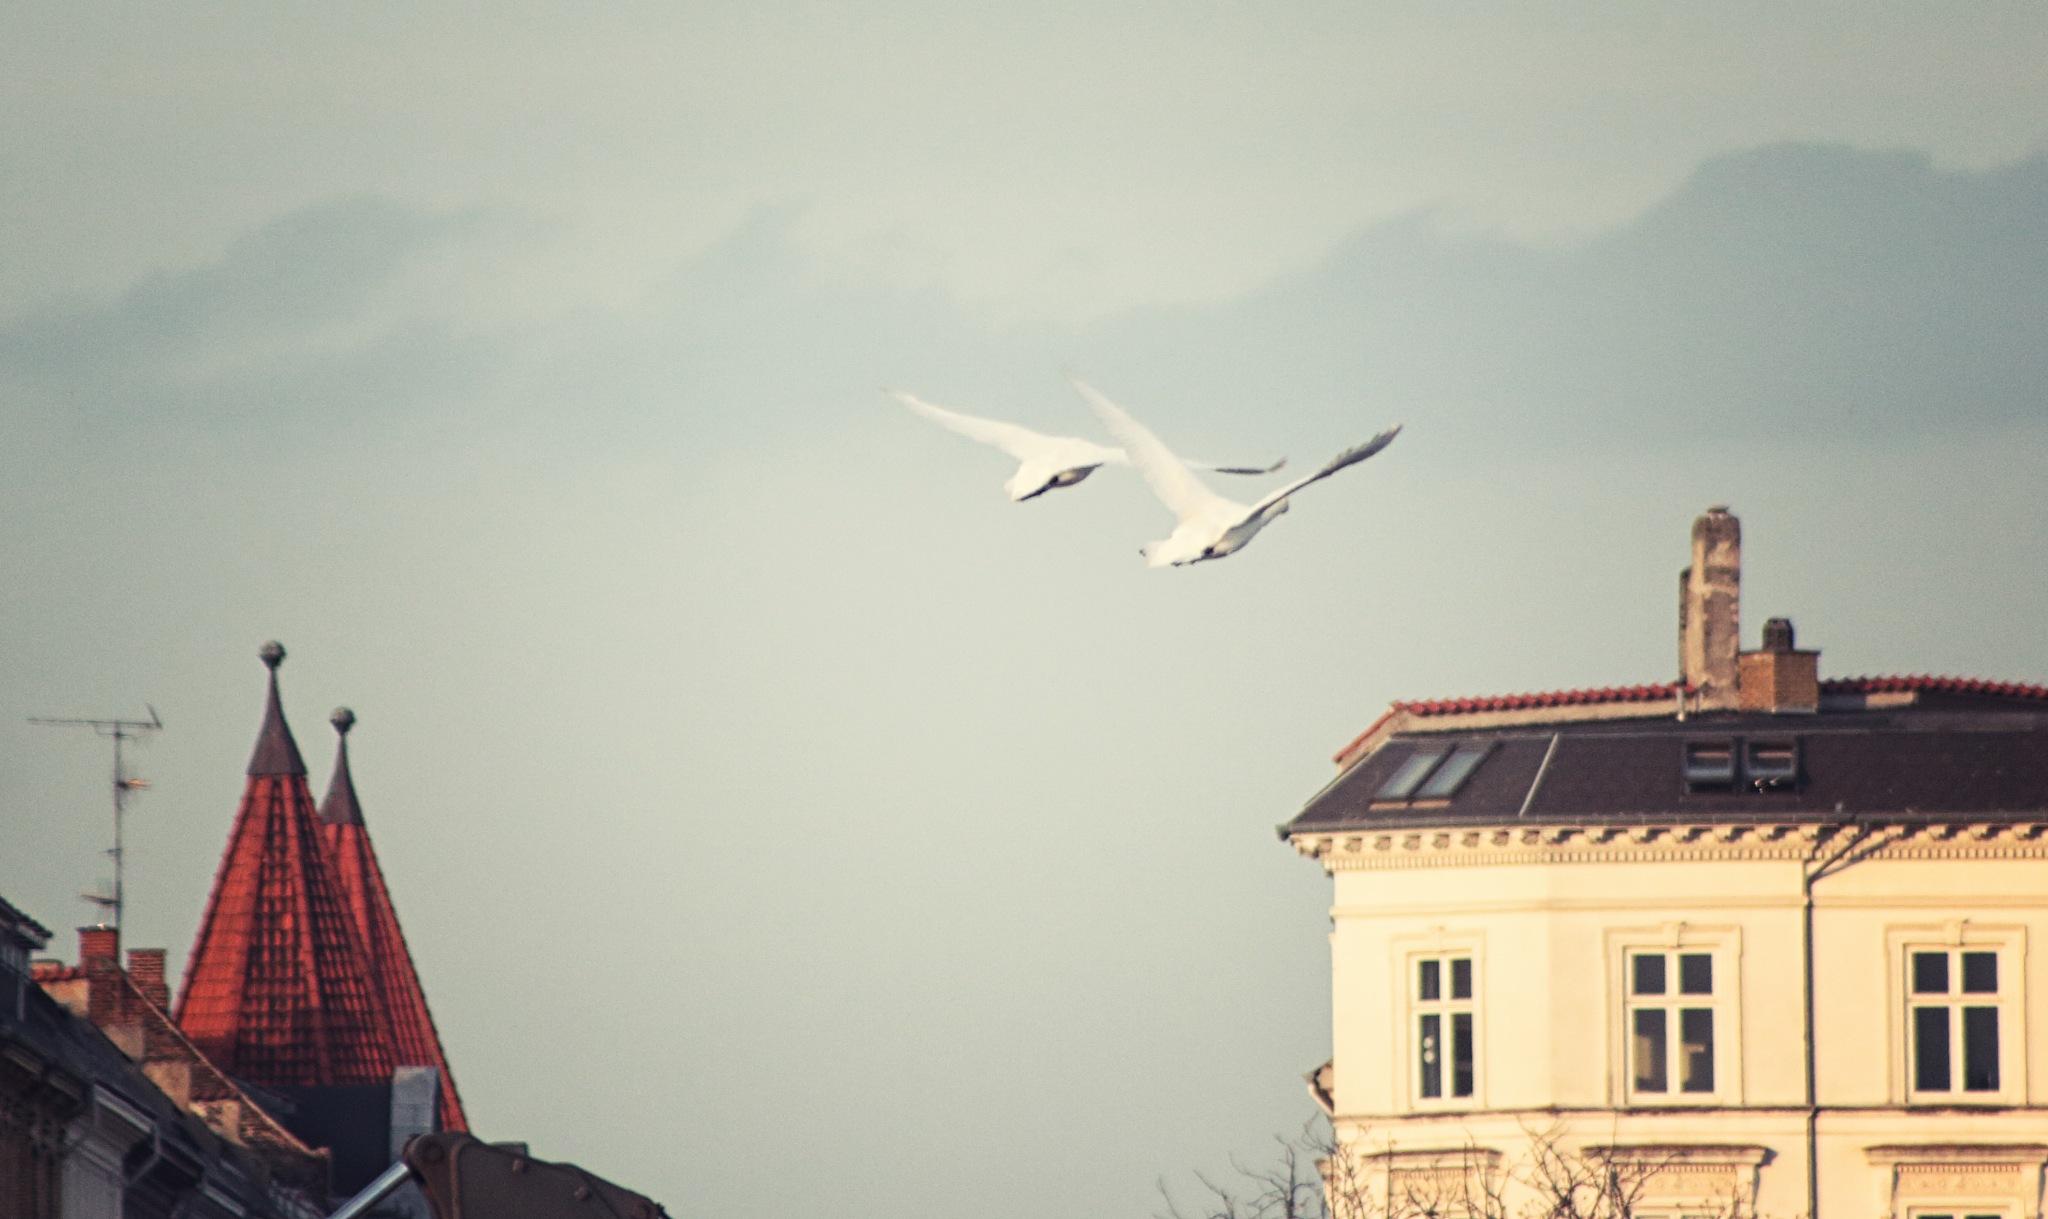 City Swans by Henrik T. Sørensen